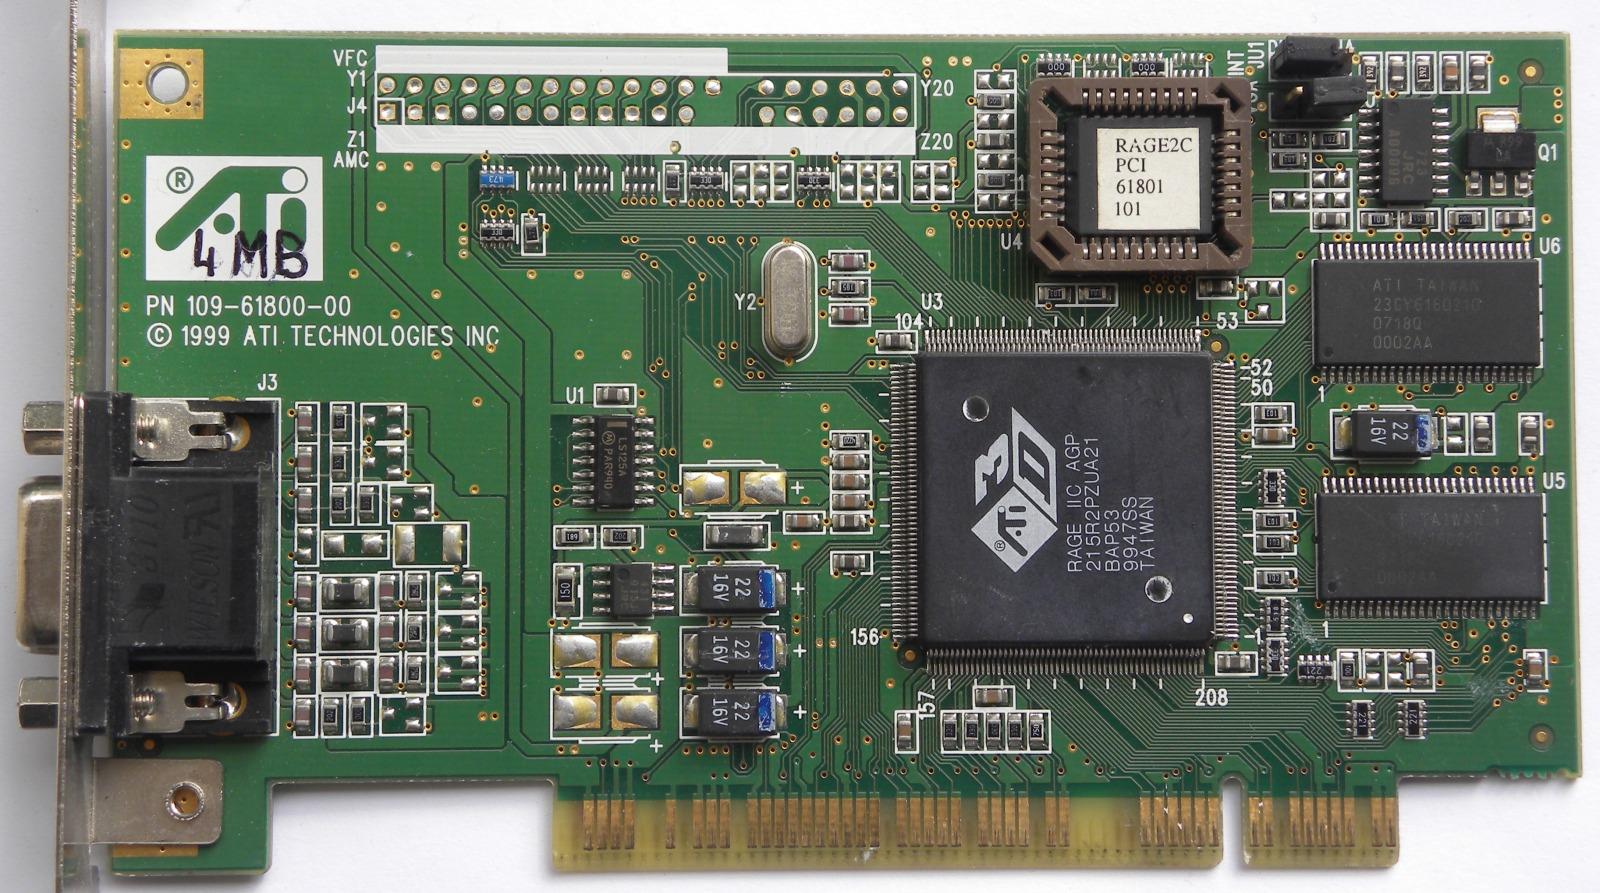 Zss-110-03-g-d-680